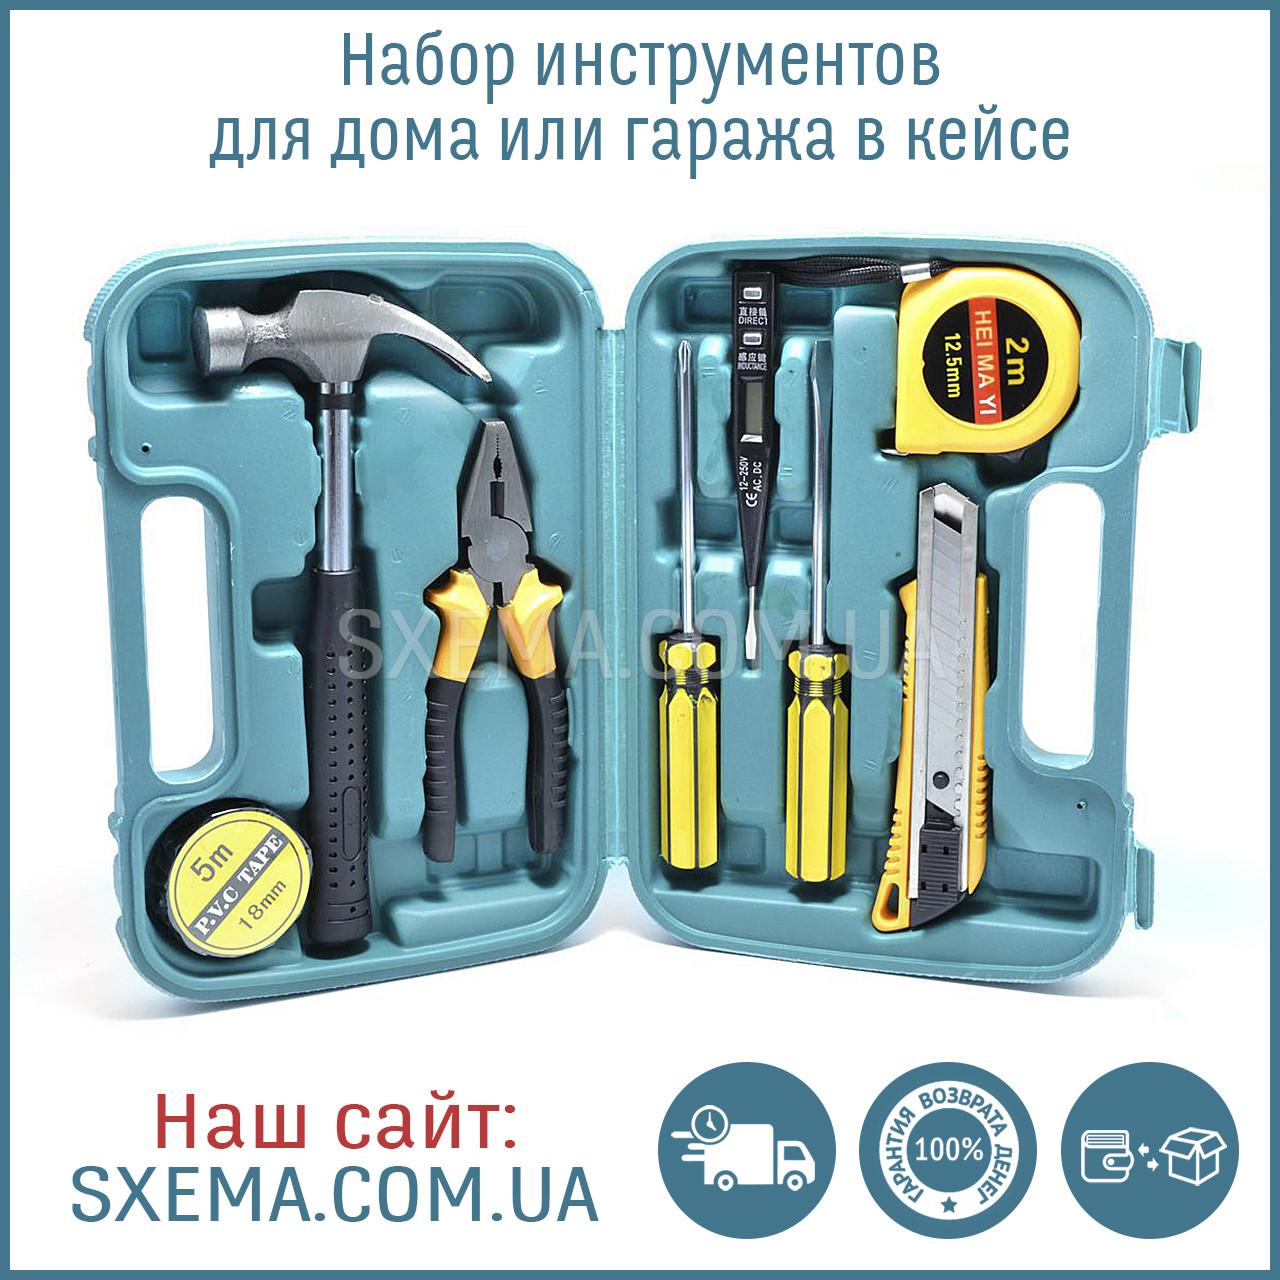 Набор инструментов для дома или гаража молоток, отвертки, пассатижи, рулетка, нож, в кейсе